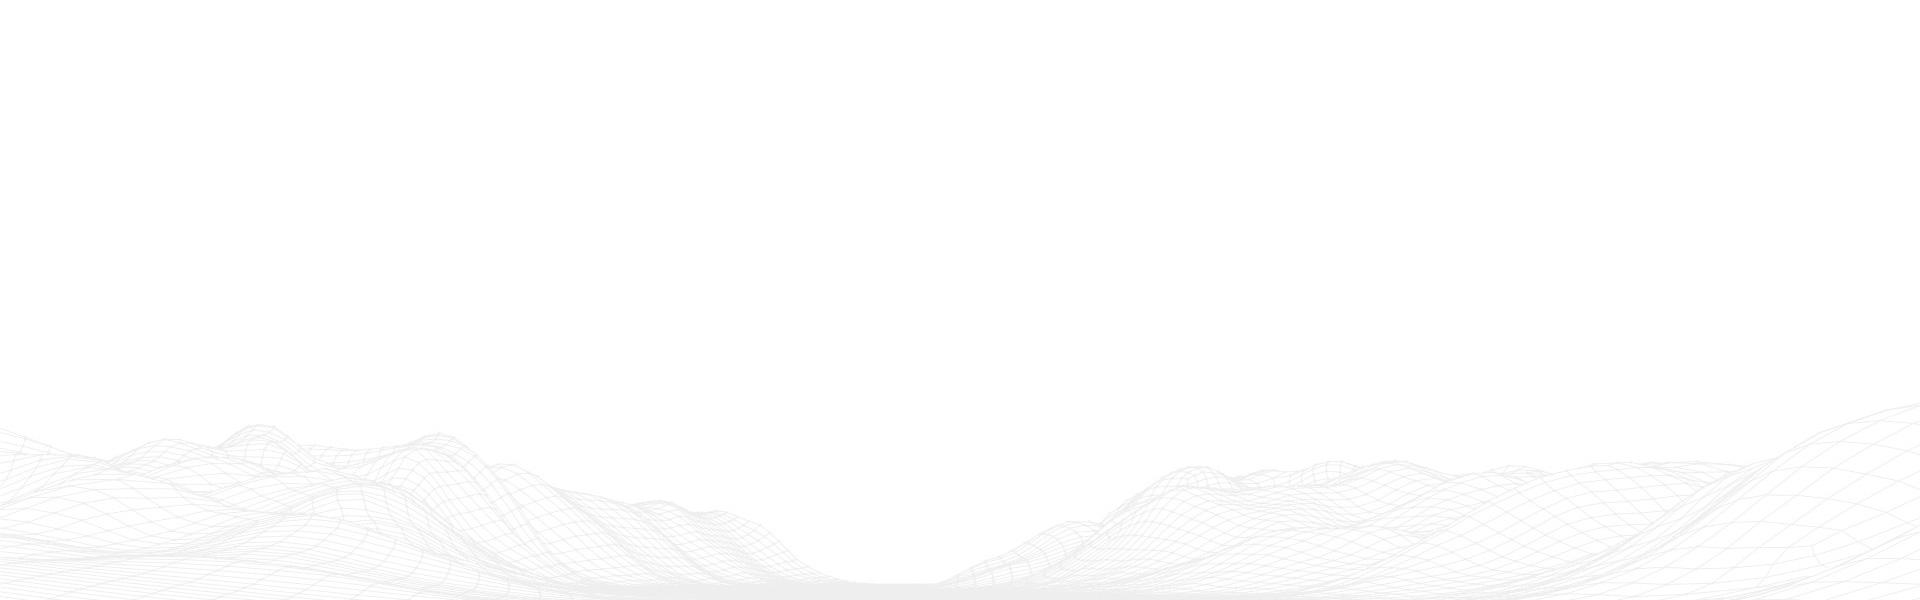 担路网-最新公告